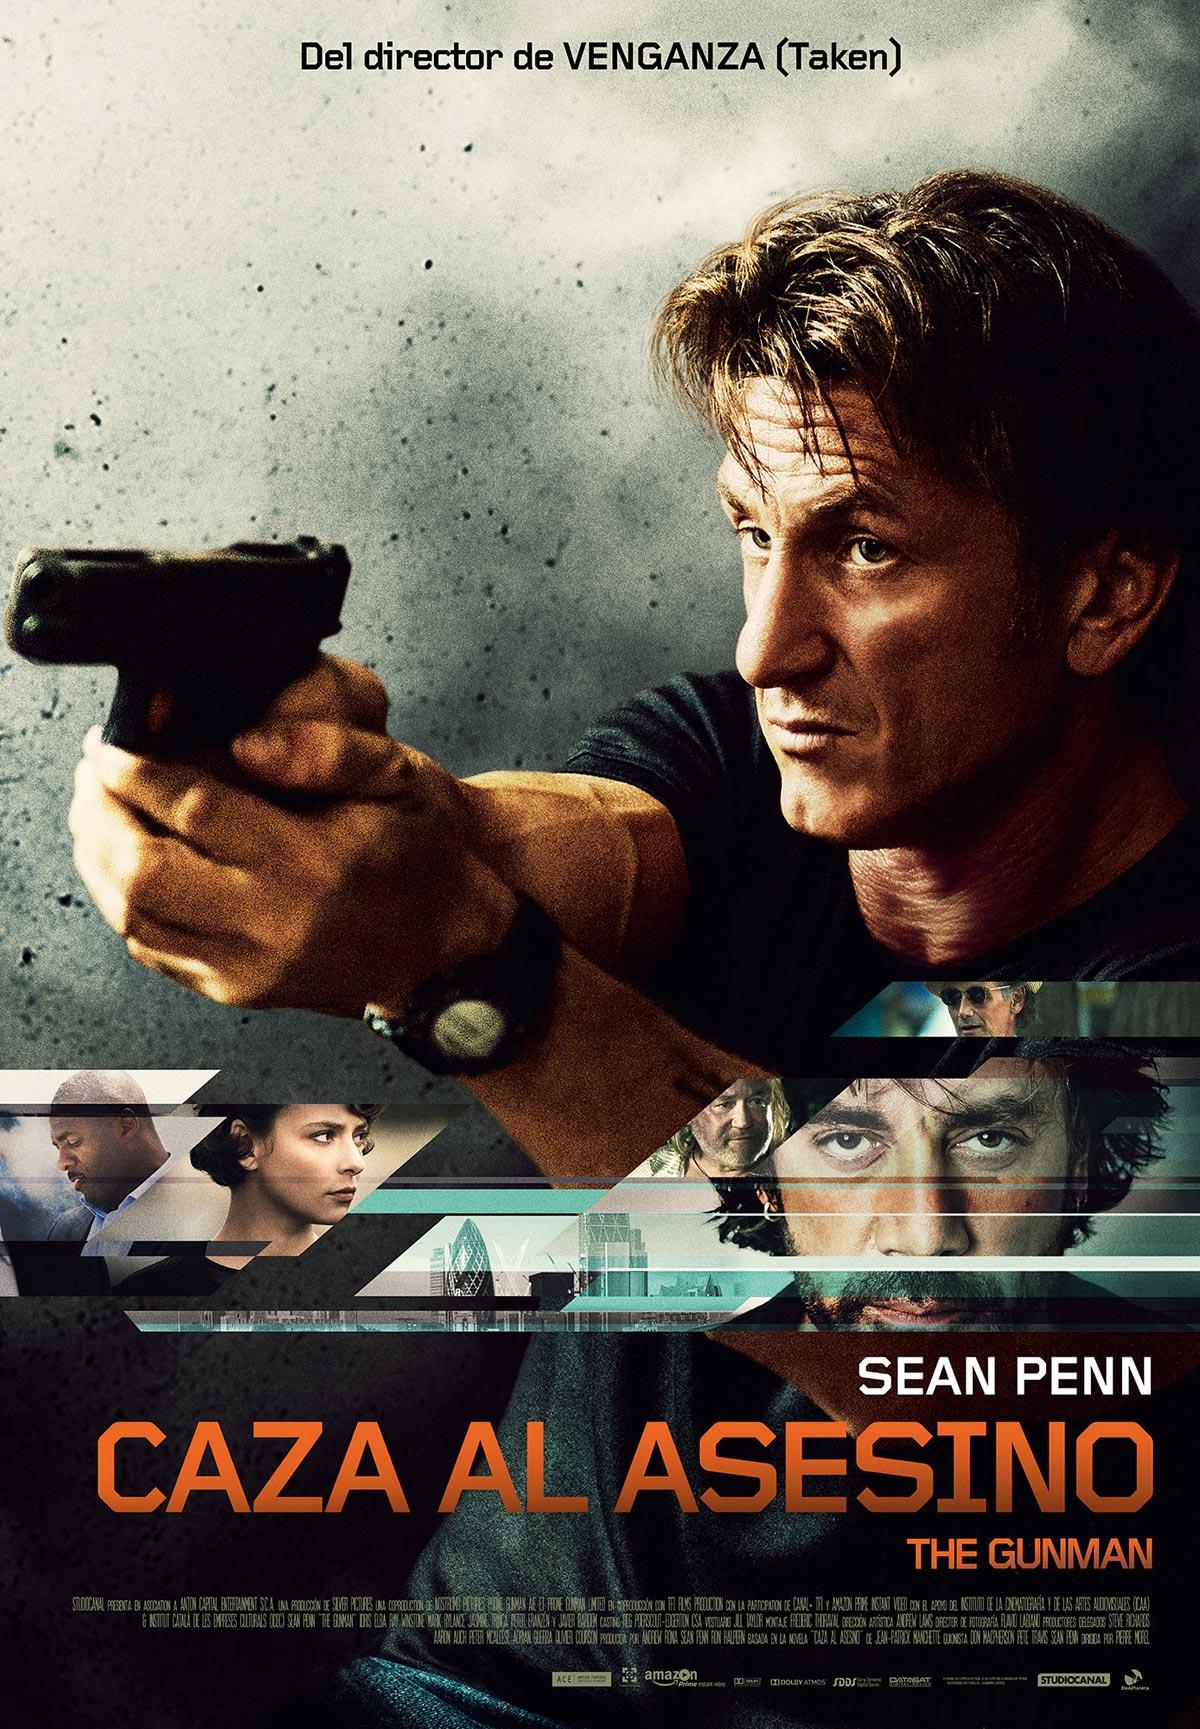 Caza al asesino - Película 2015 - SensaCine.com